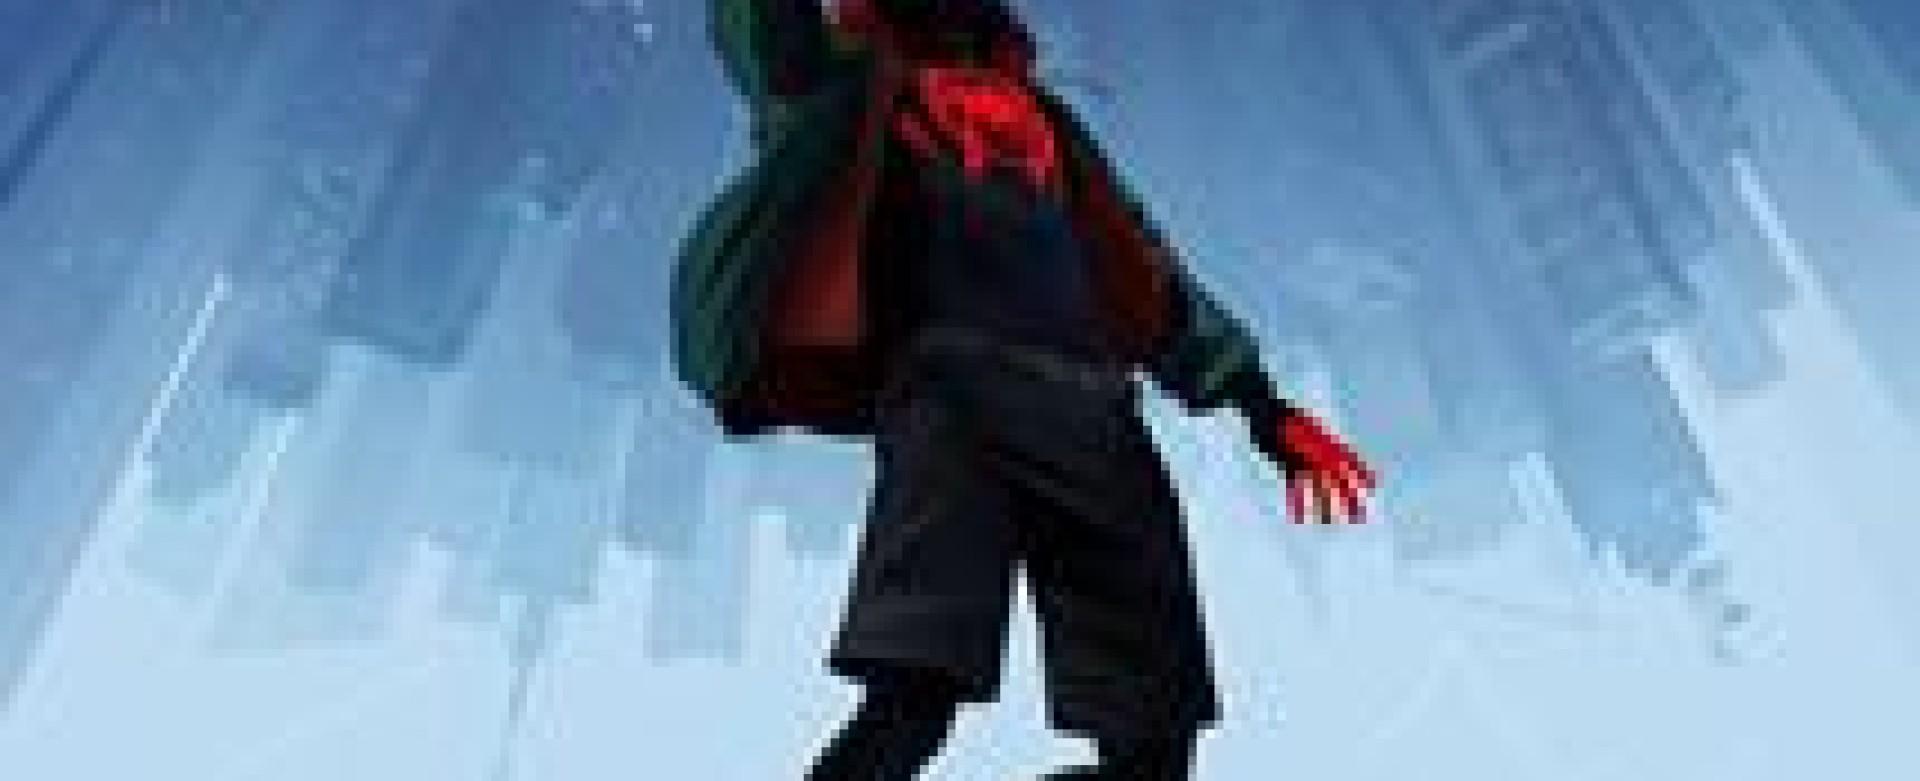 Homem-Aranha no Aranhaverso - 3D